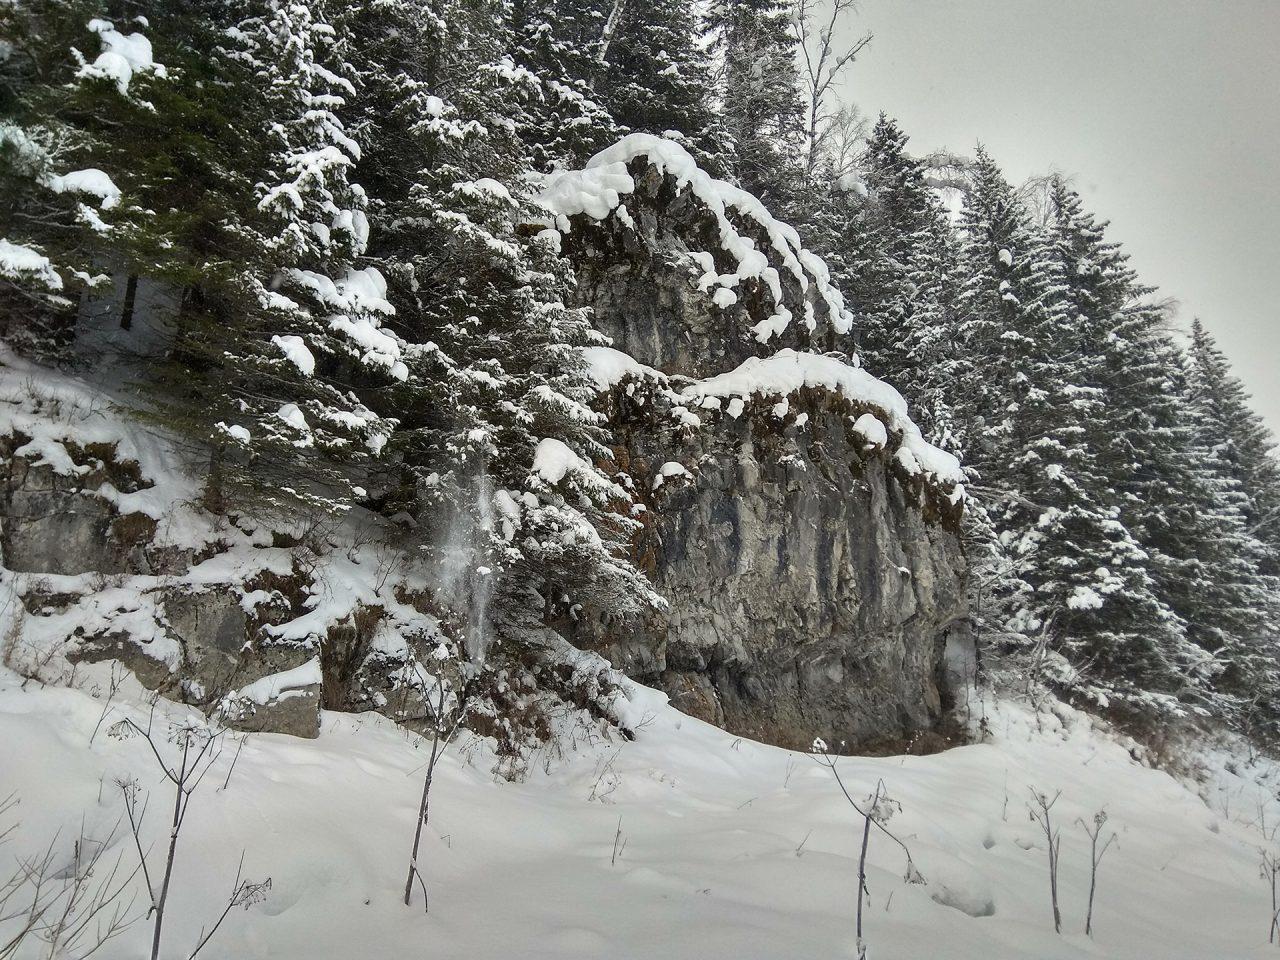 Камень Медвежка (фото из походного архива)